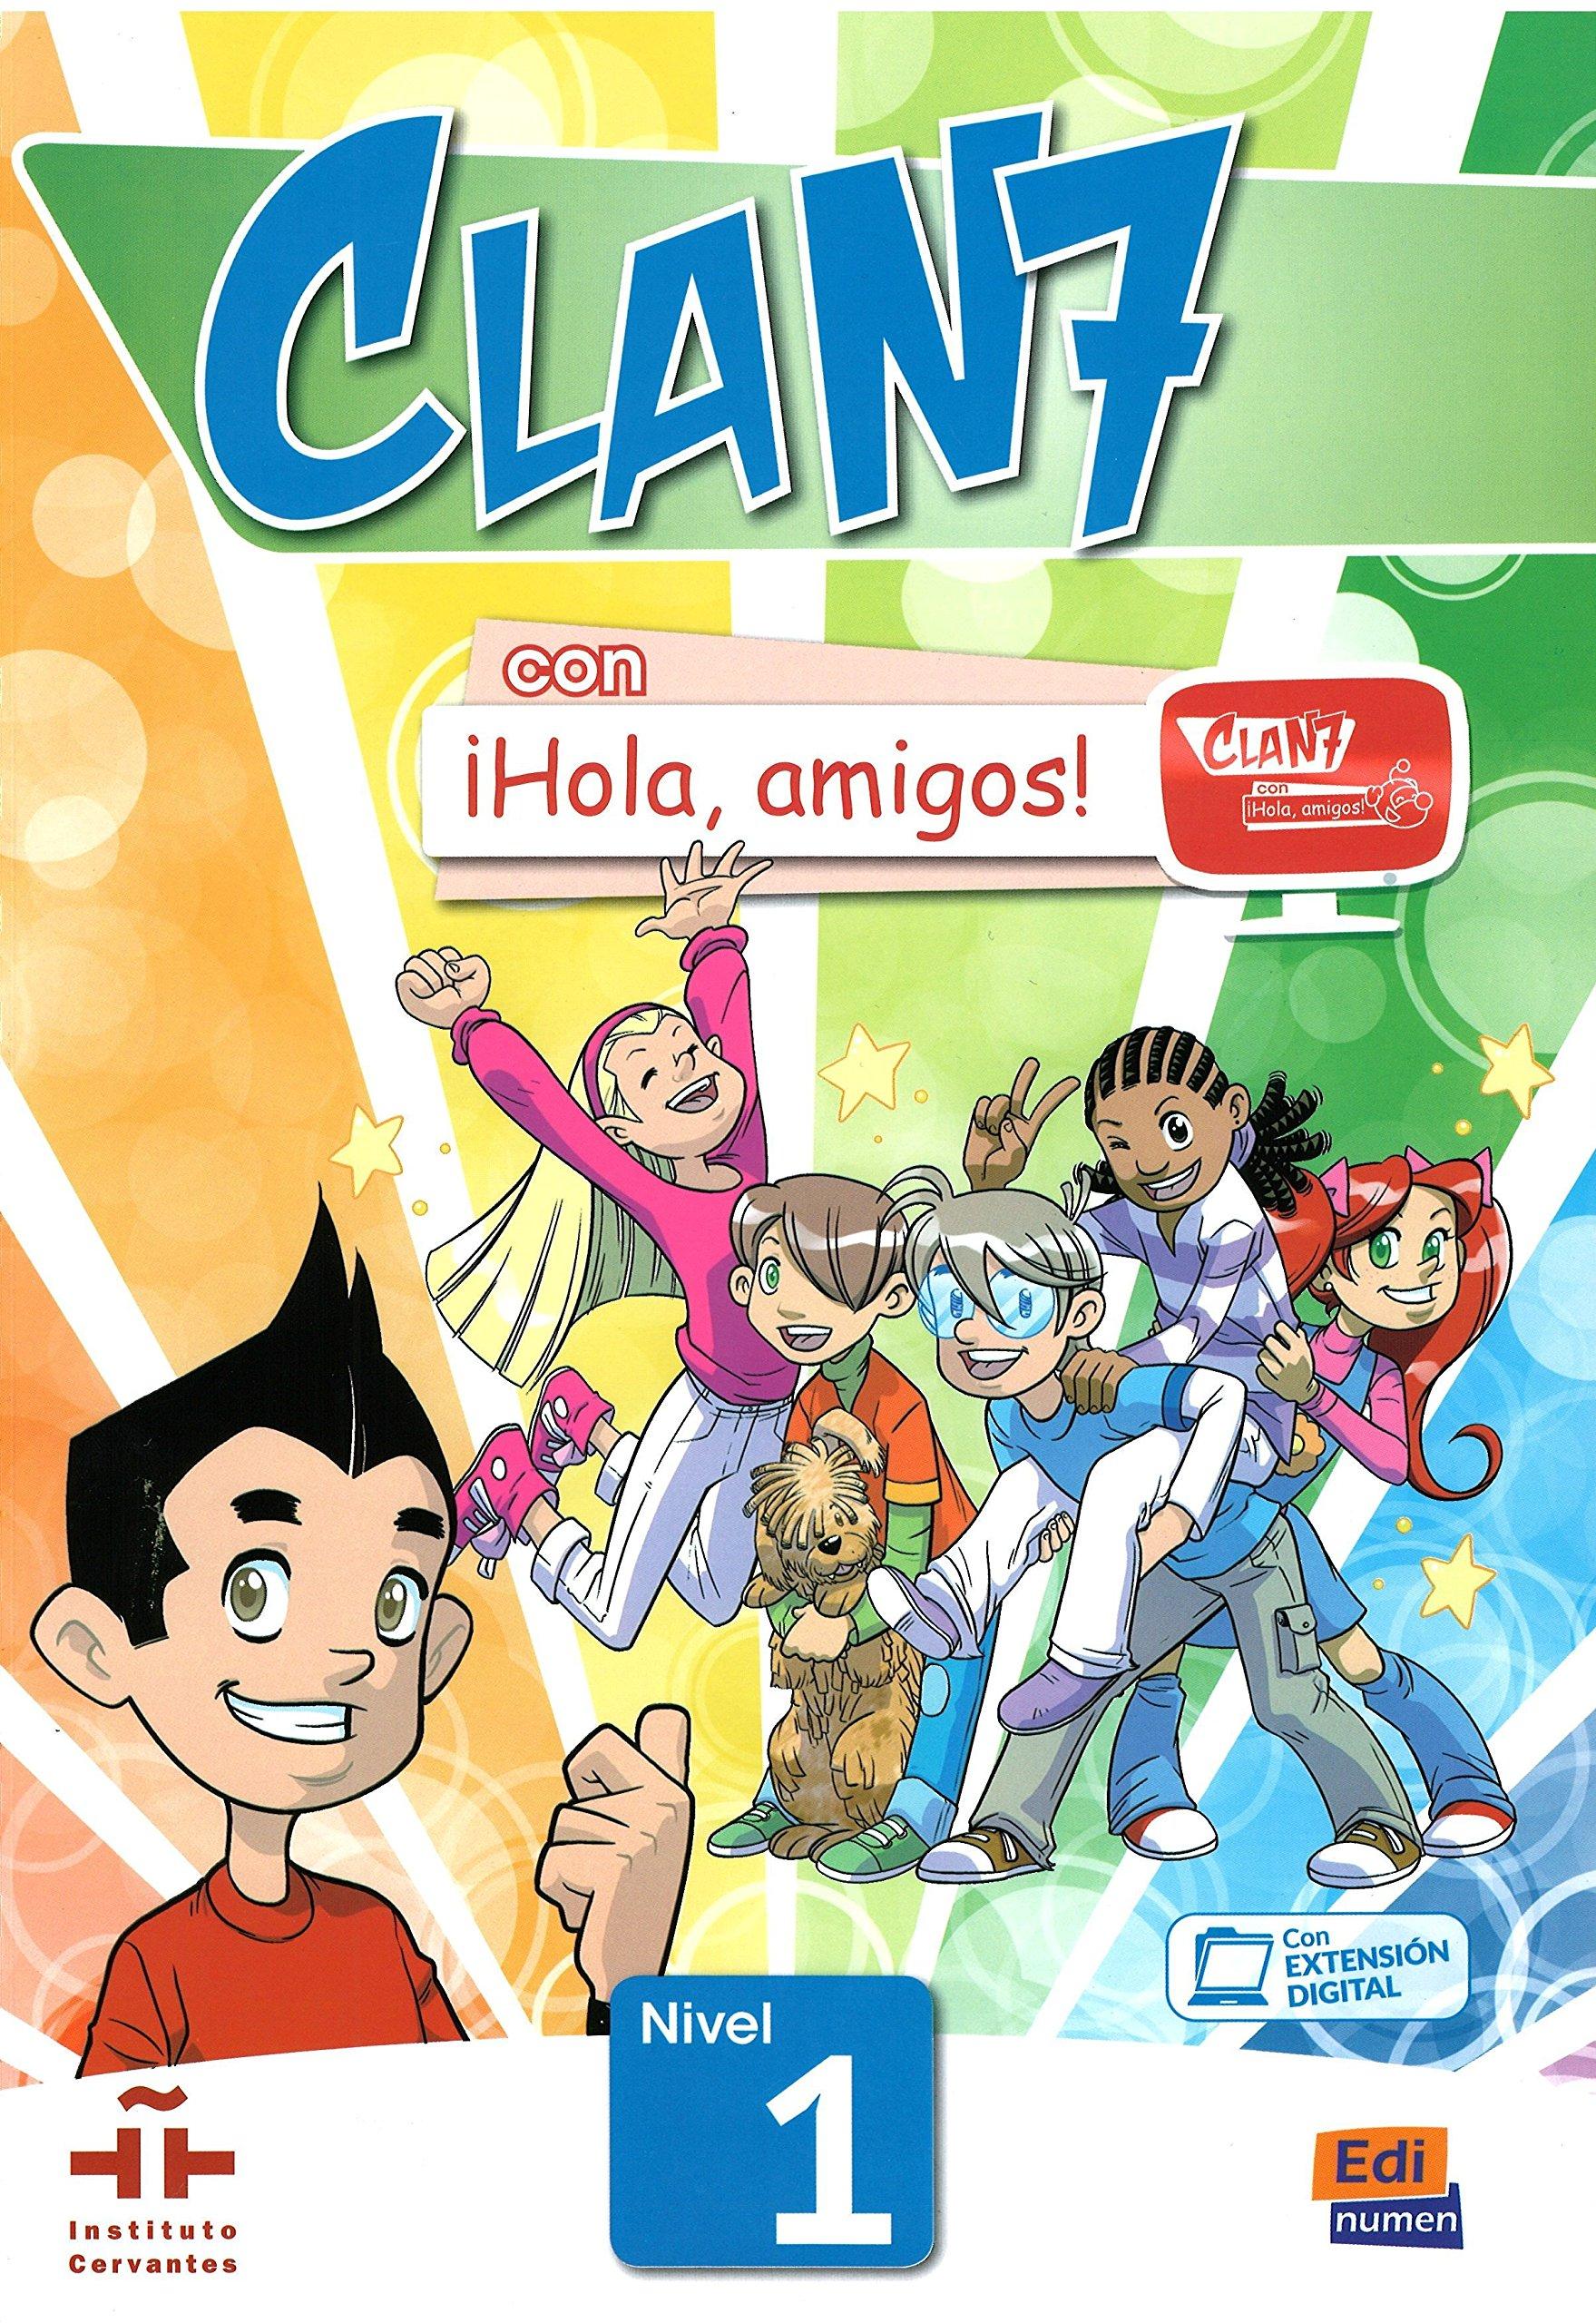 Clan 7 con ¡Hola, amigos! Nivel 1 alumno: Amazon.es: María Gómez Castro, Manuela Míguez Salas, José Andrés Rojano Gálvez, María Pilar Valero Ramírez: Libros